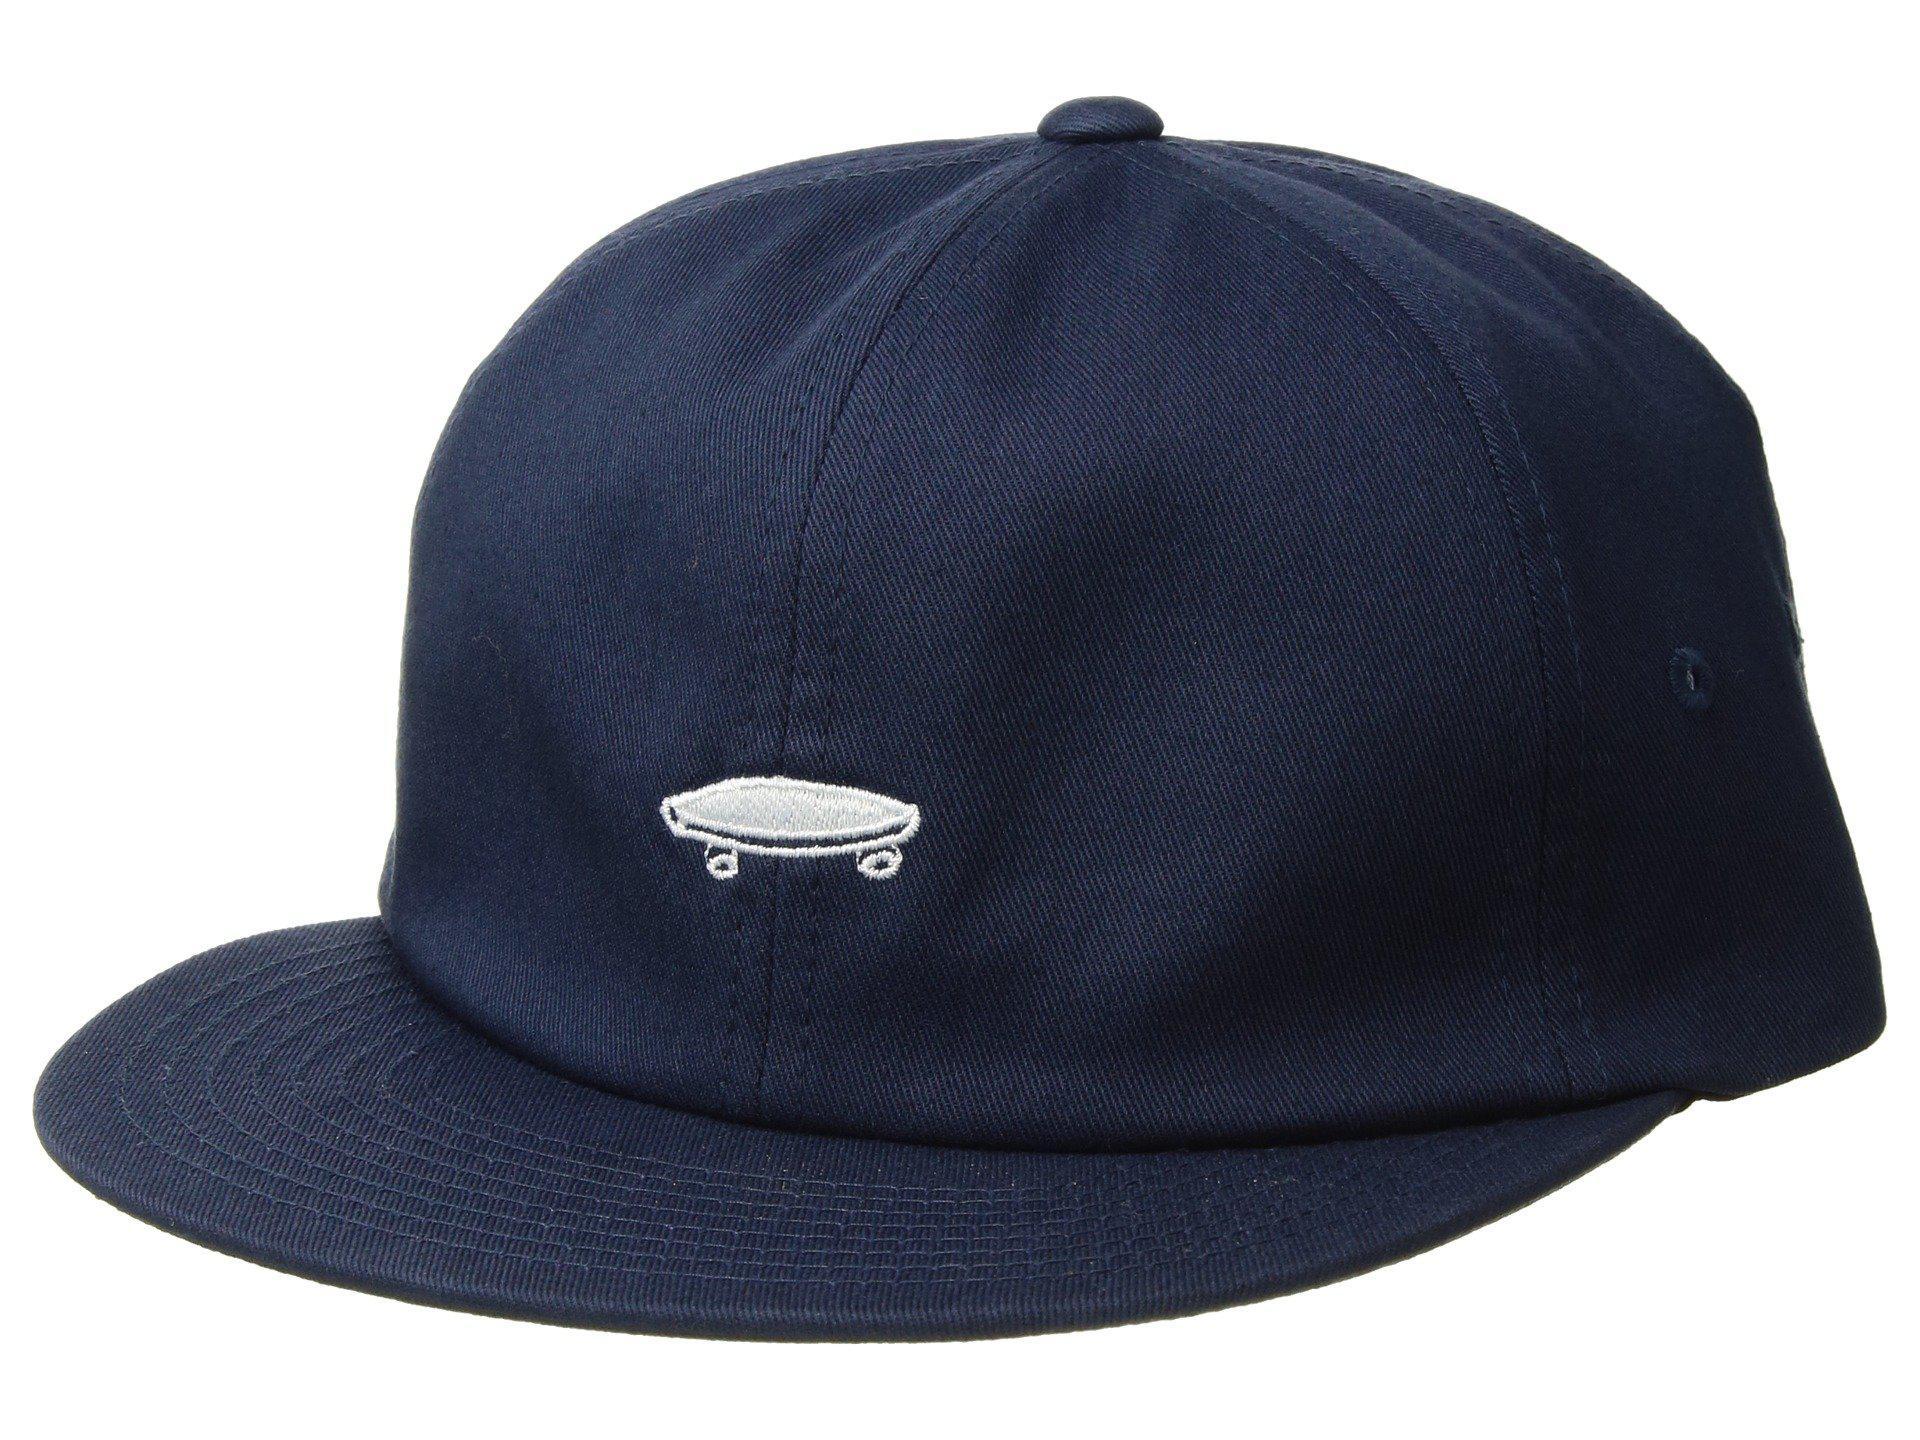 e11dc9b68ba Lyst vans salton ii jockey hat midnight black baseball caps jpg 1920x1440 Olive  green accessories dad